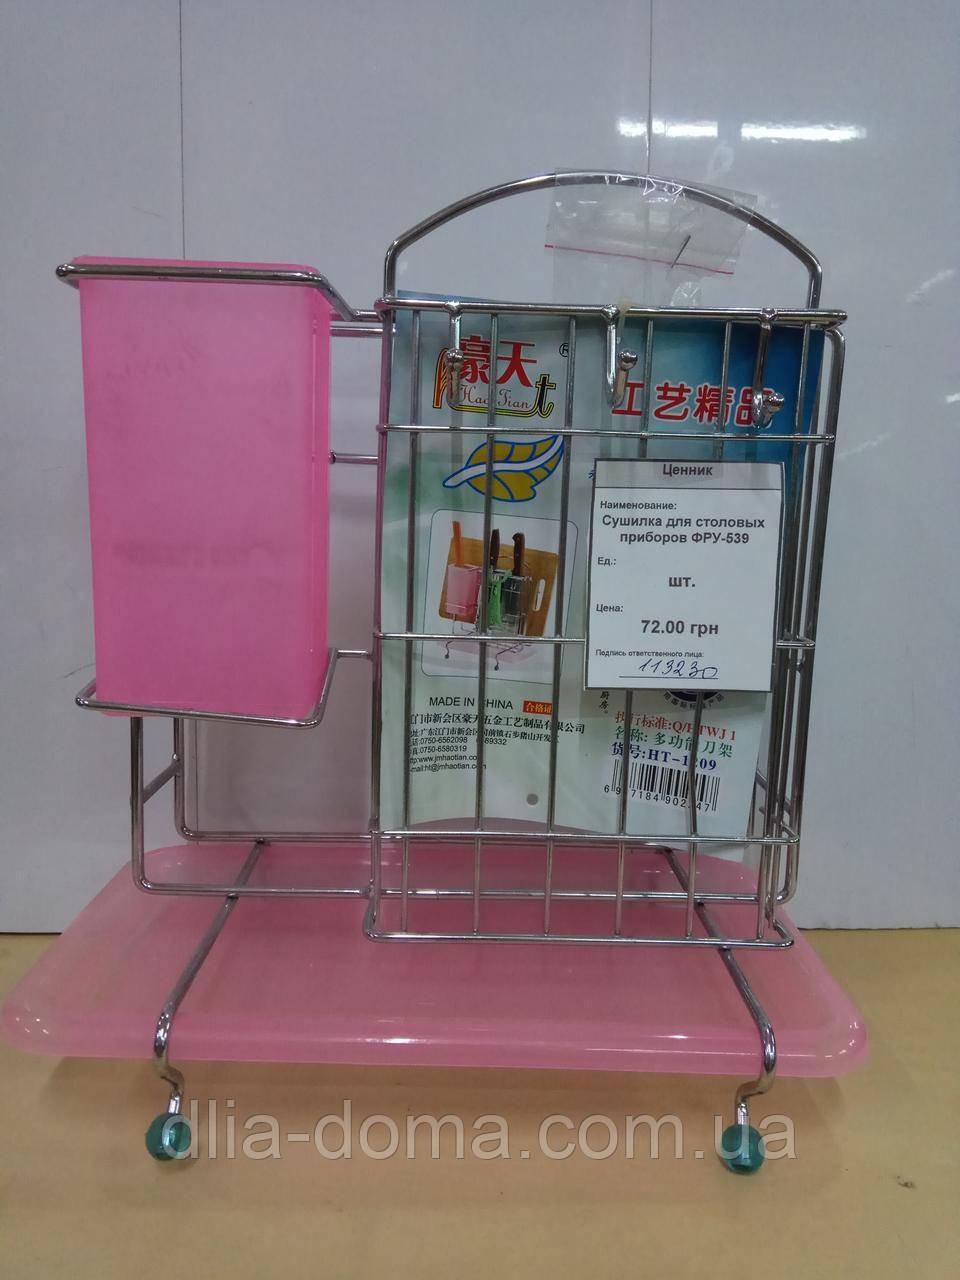 Сушилка для столовых приборов ФРУ-539